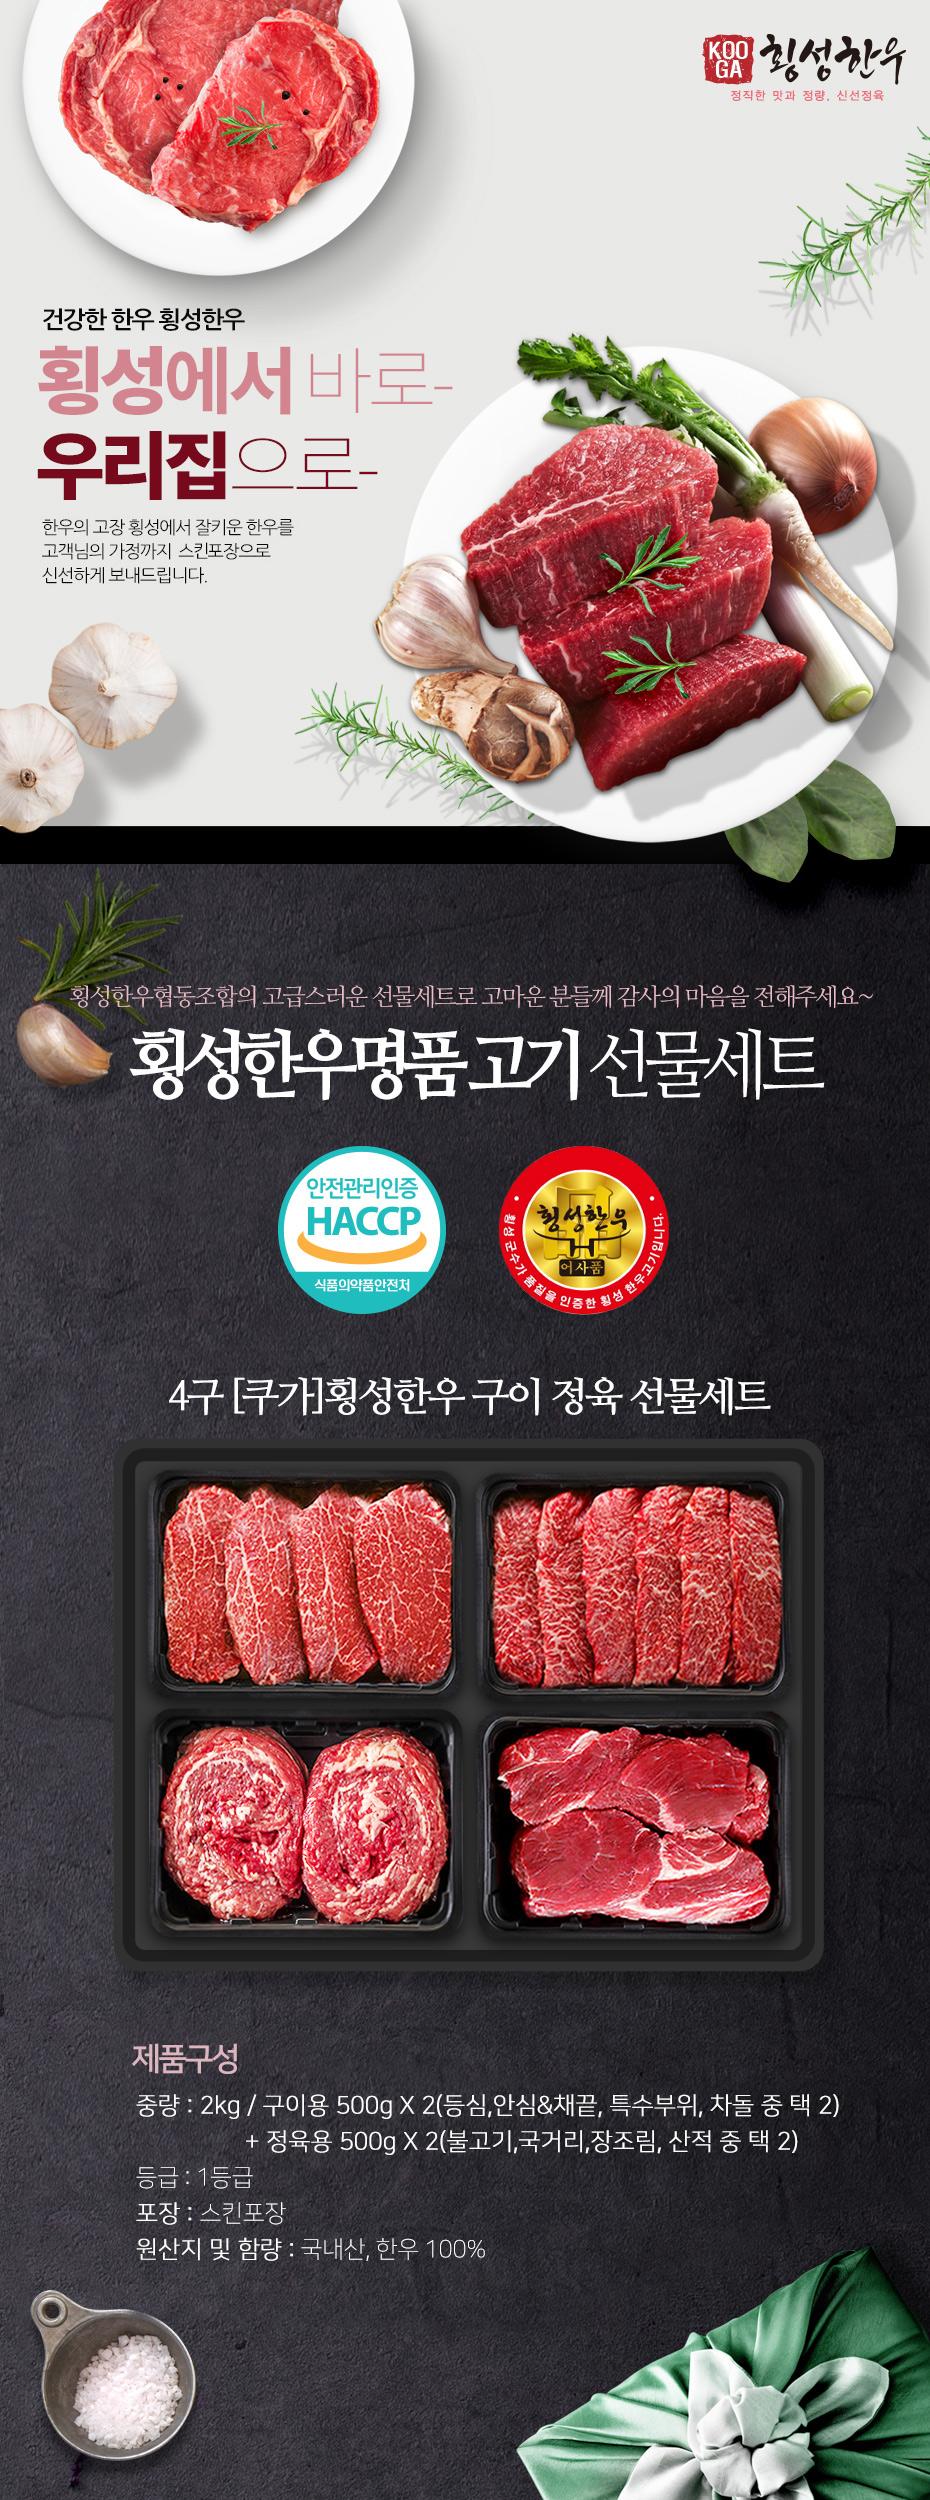 set4_meat_ten2_s2_005208.jpg